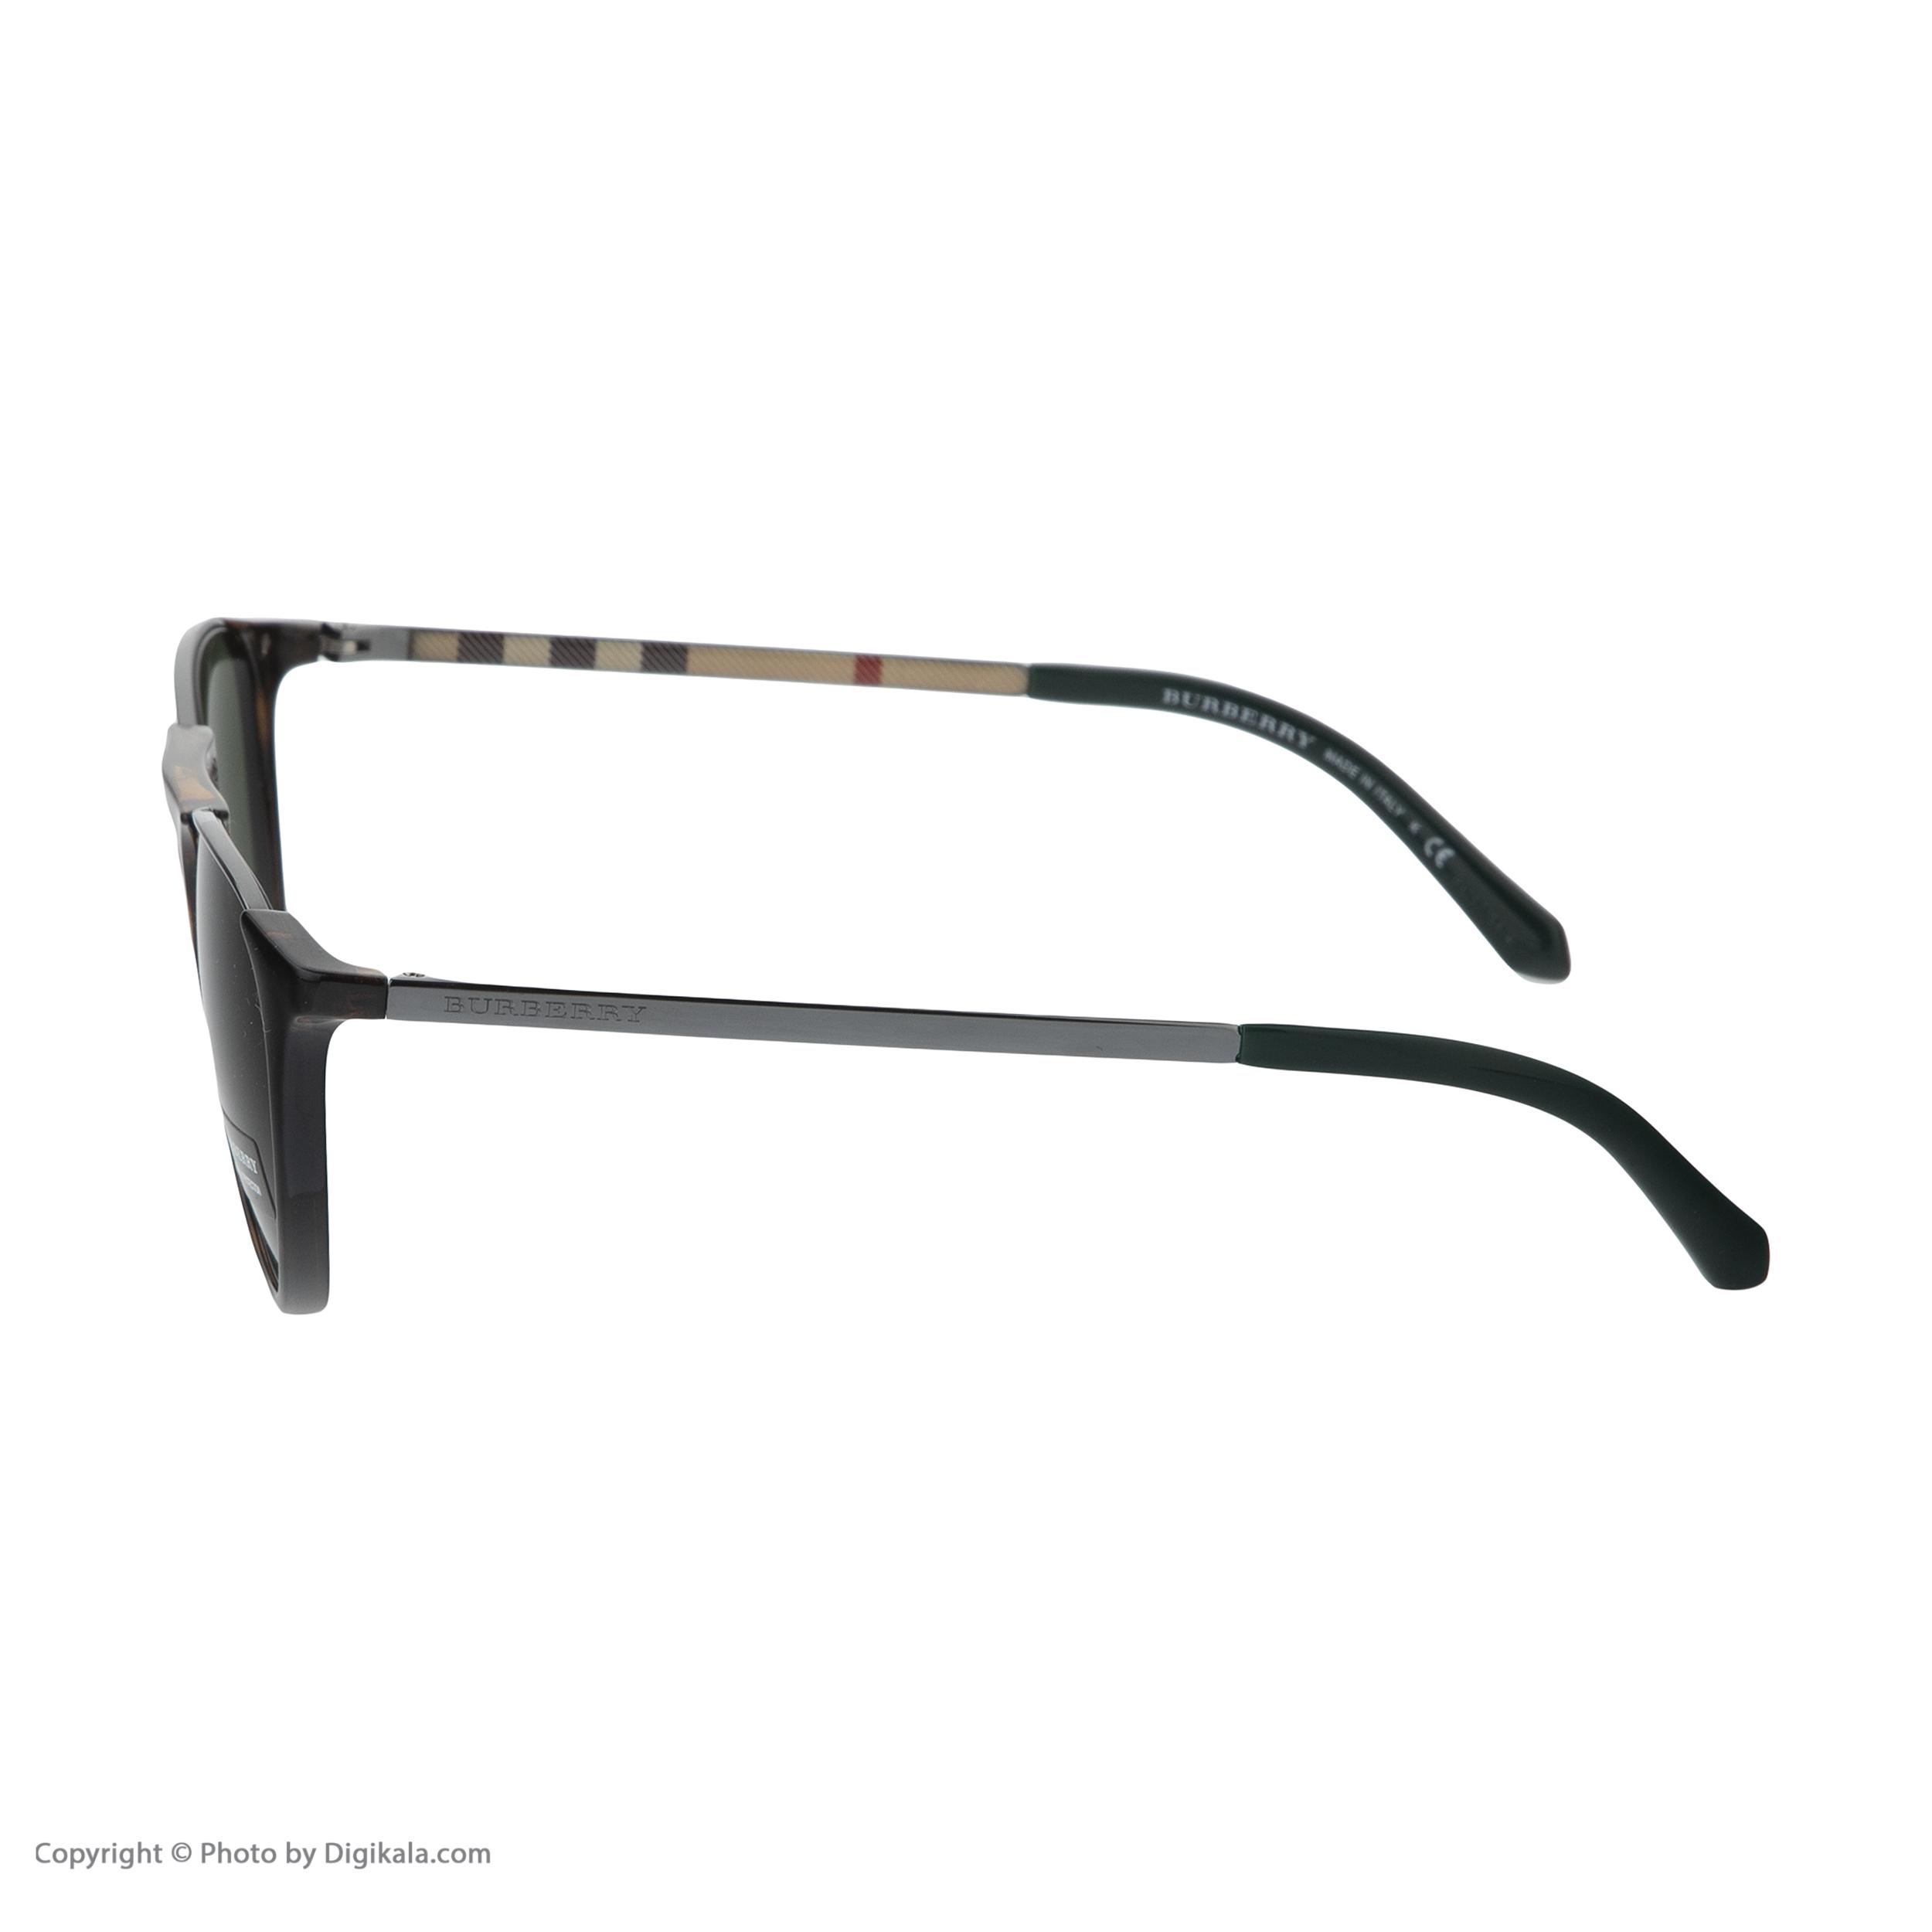 عینک آفتابی زنانه بربری مدل BE 4273S 300271 52 -  - 5